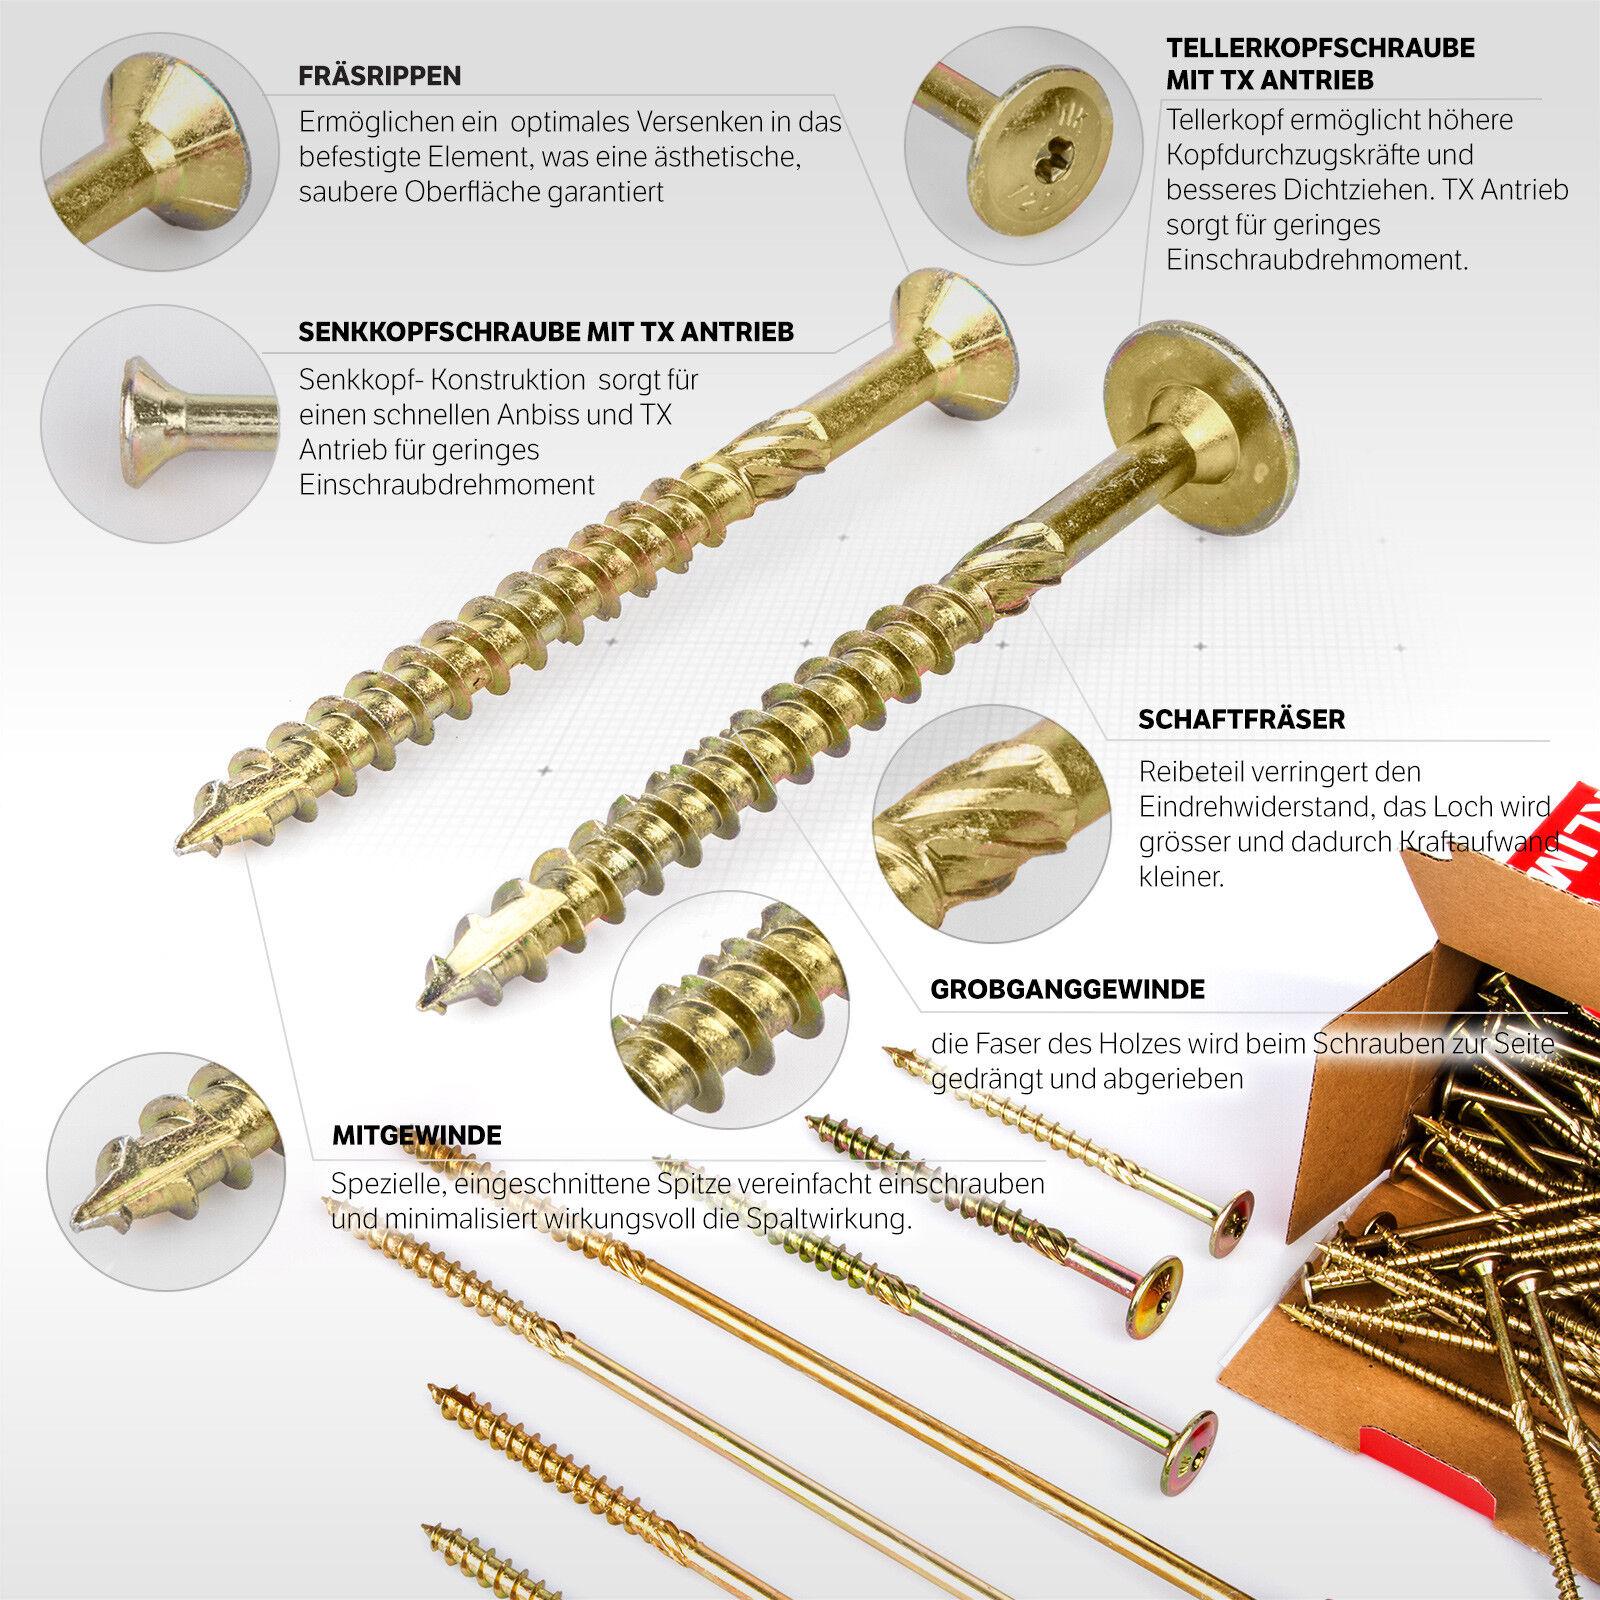 8mm Tellerkopfschrauben Holzbauschrauben Holz Schrauben Torx Holzbau 80 - 300mm